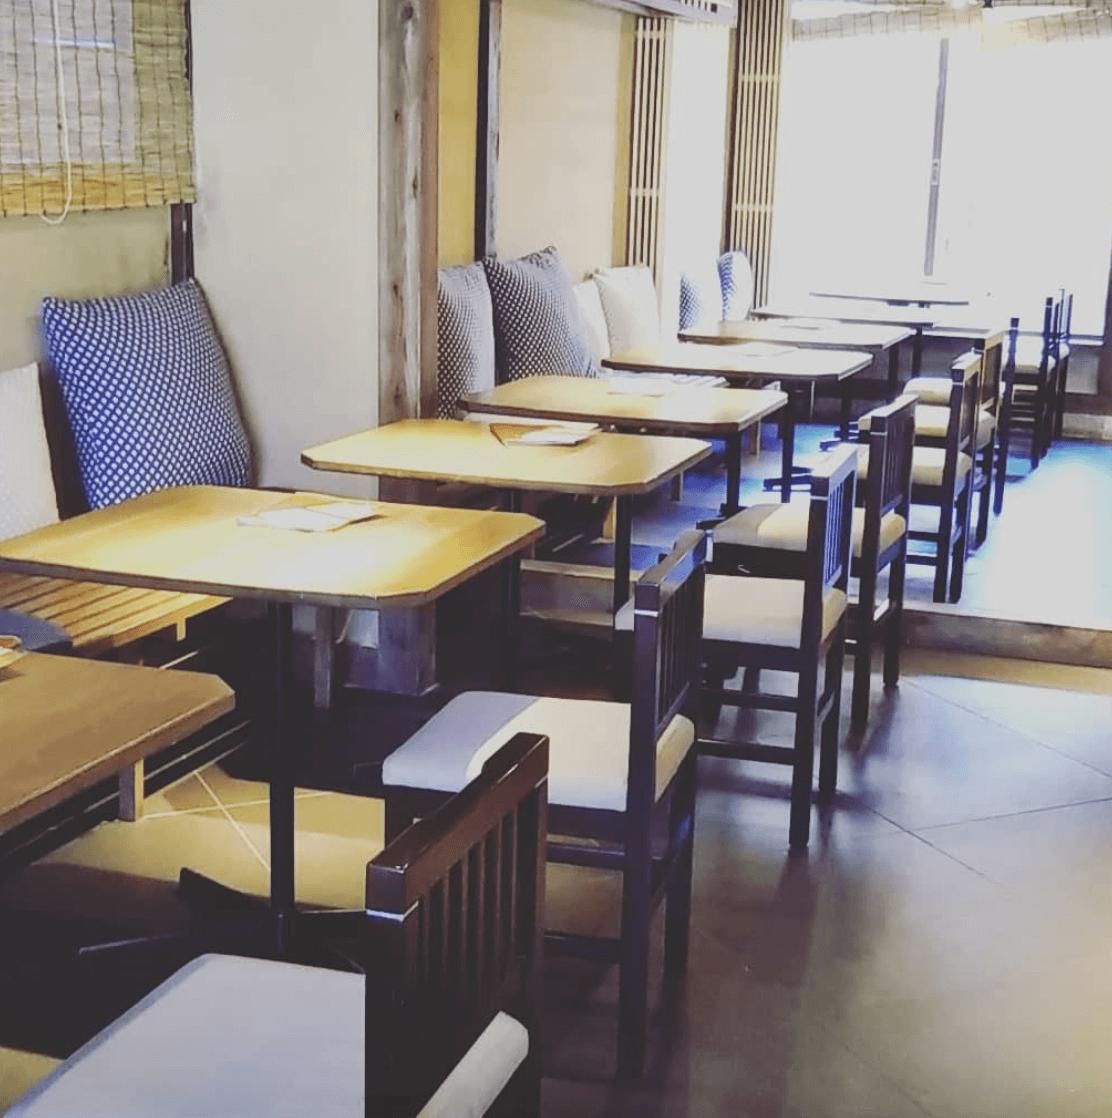 石川でパパ活におすすめなちょっとリッチなカフェ「Cafe たもん」